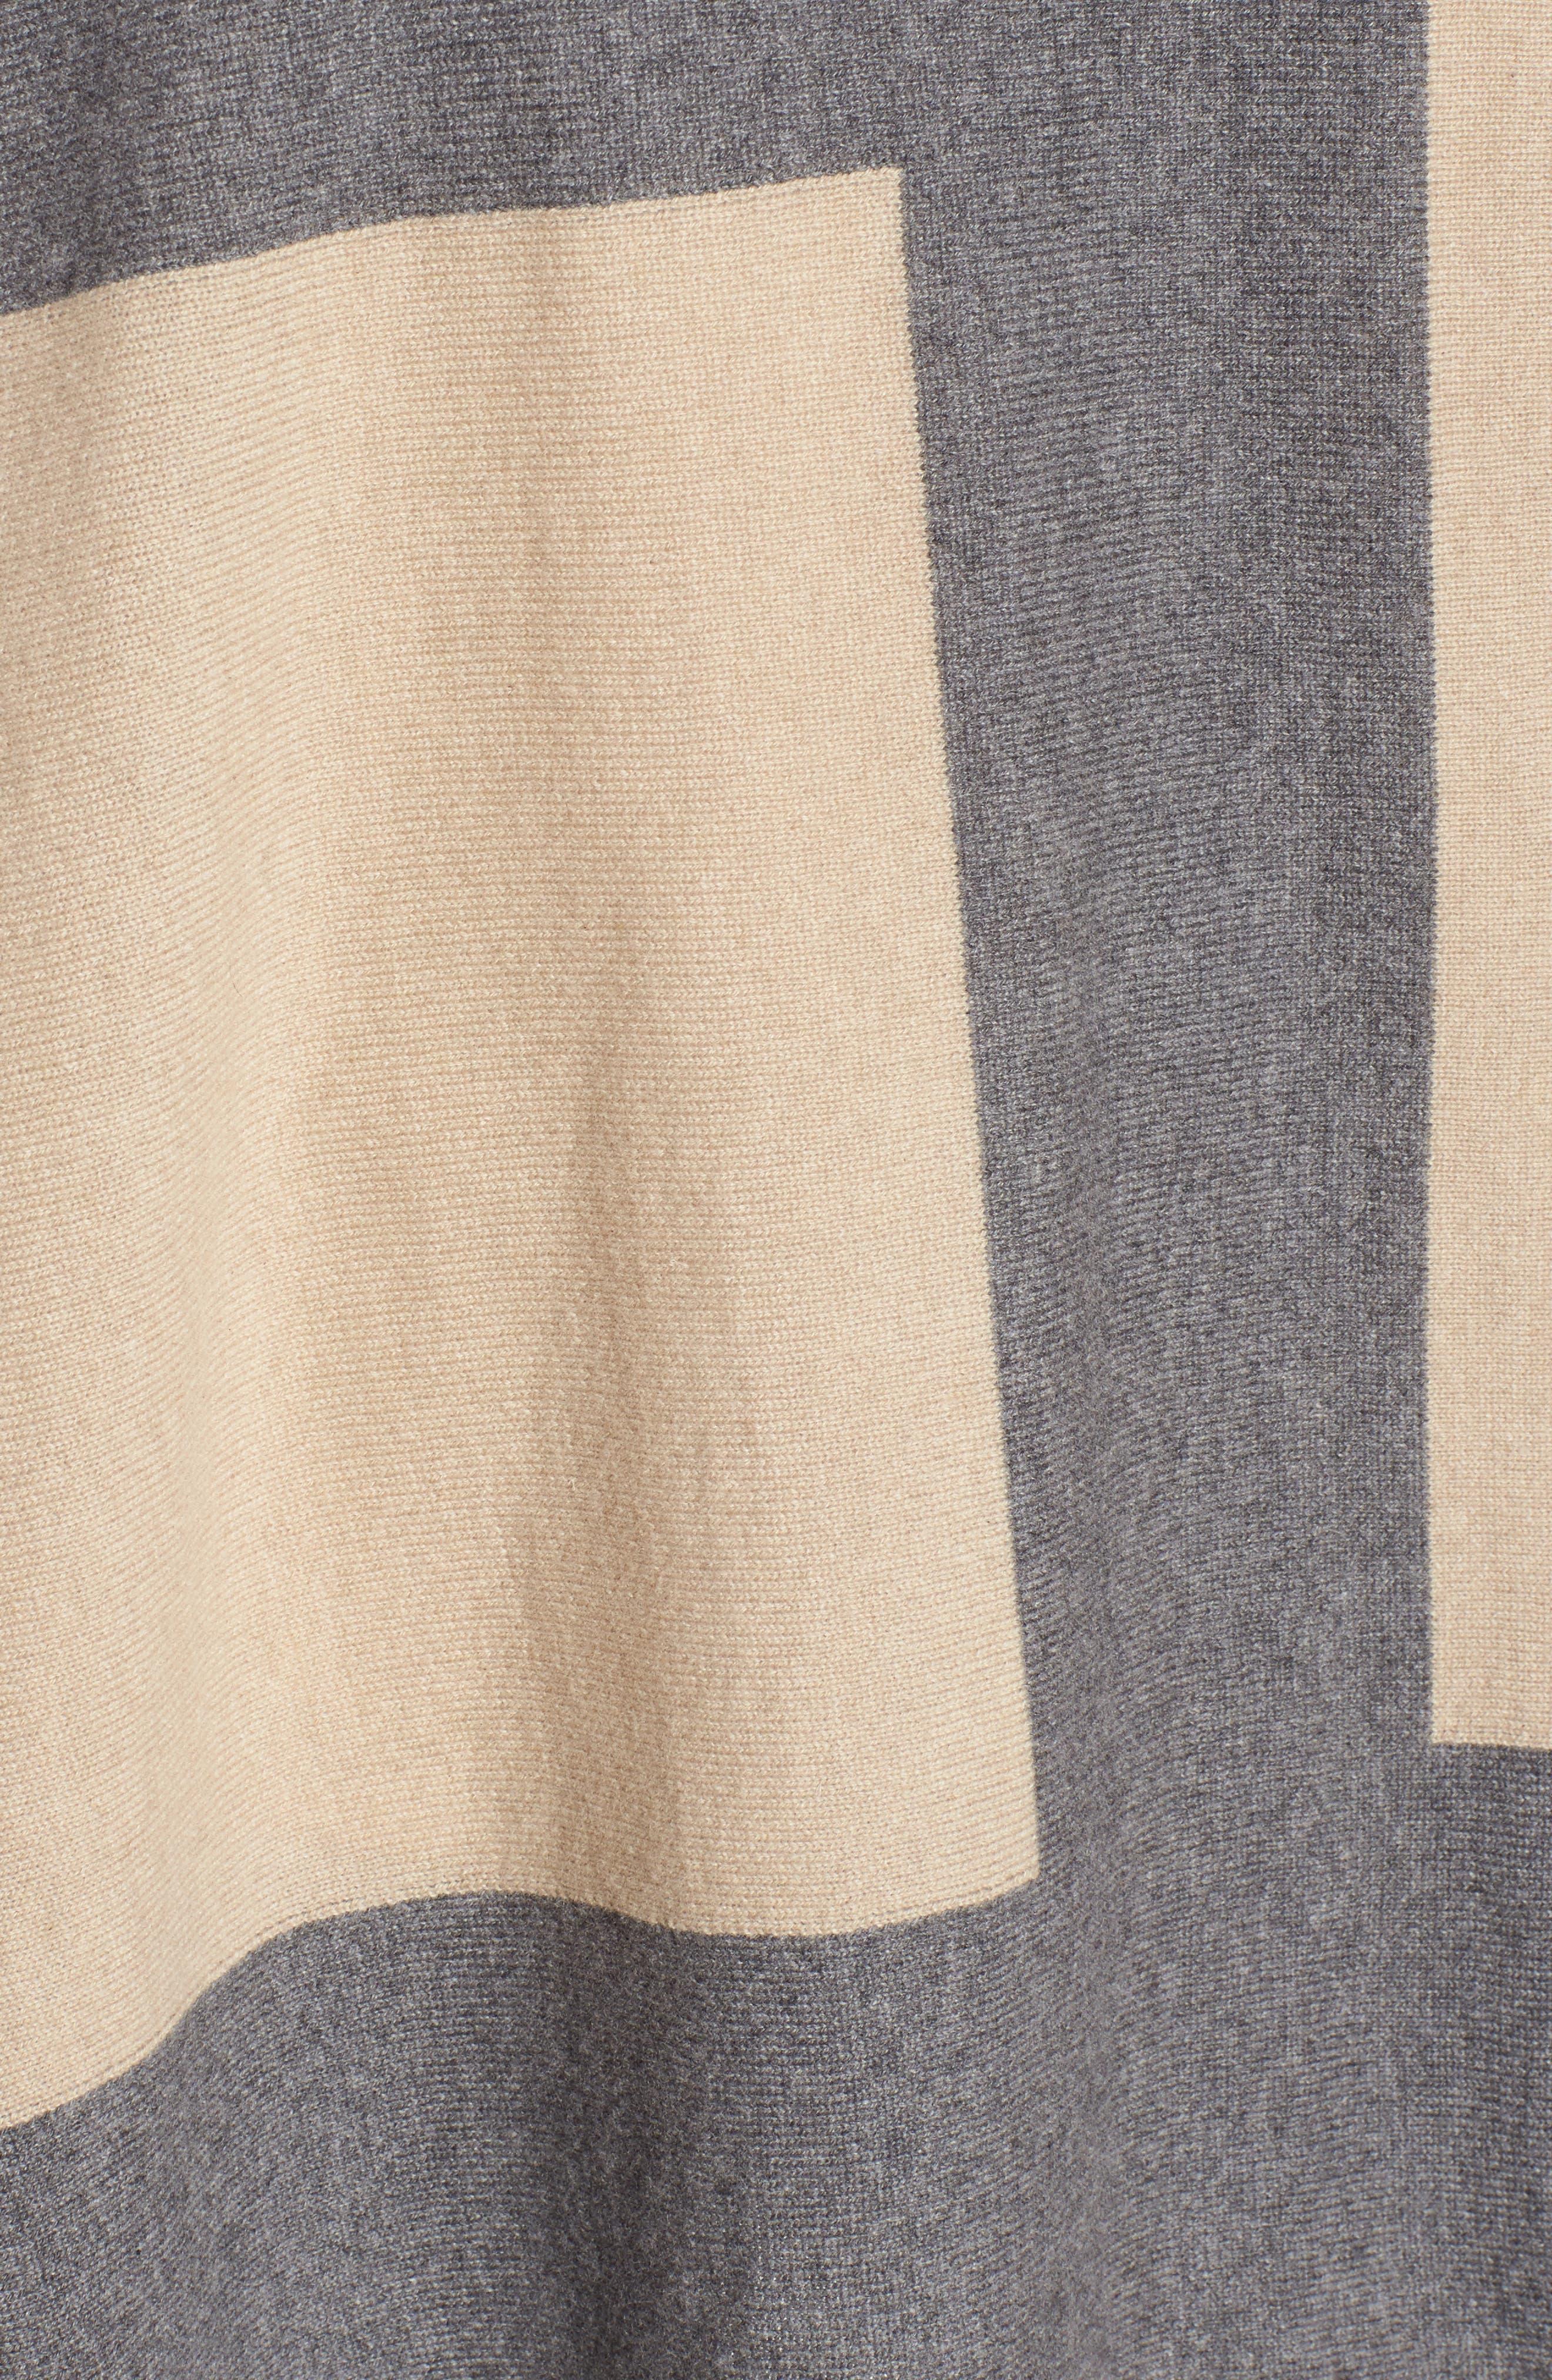 Colorblock Cashmere Blend Poncho,                             Alternate thumbnail 6, color,                             Ash